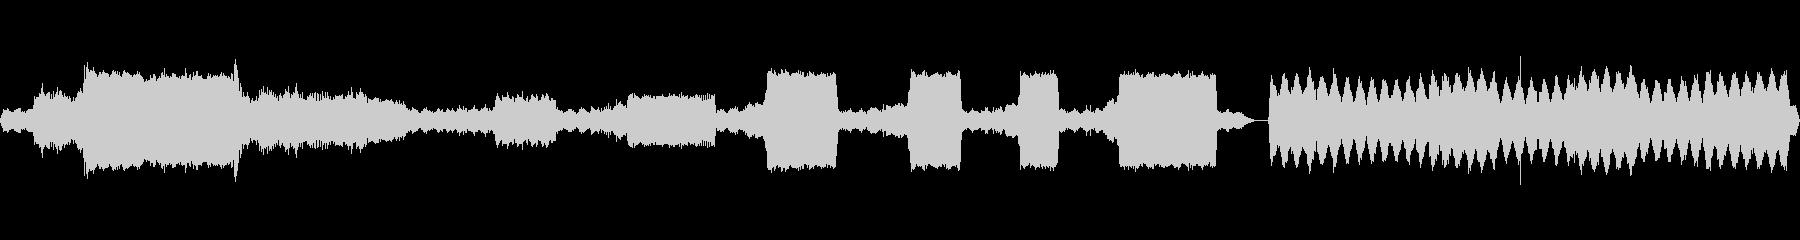 自動化を制御するマシンプロセッサ;...の未再生の波形